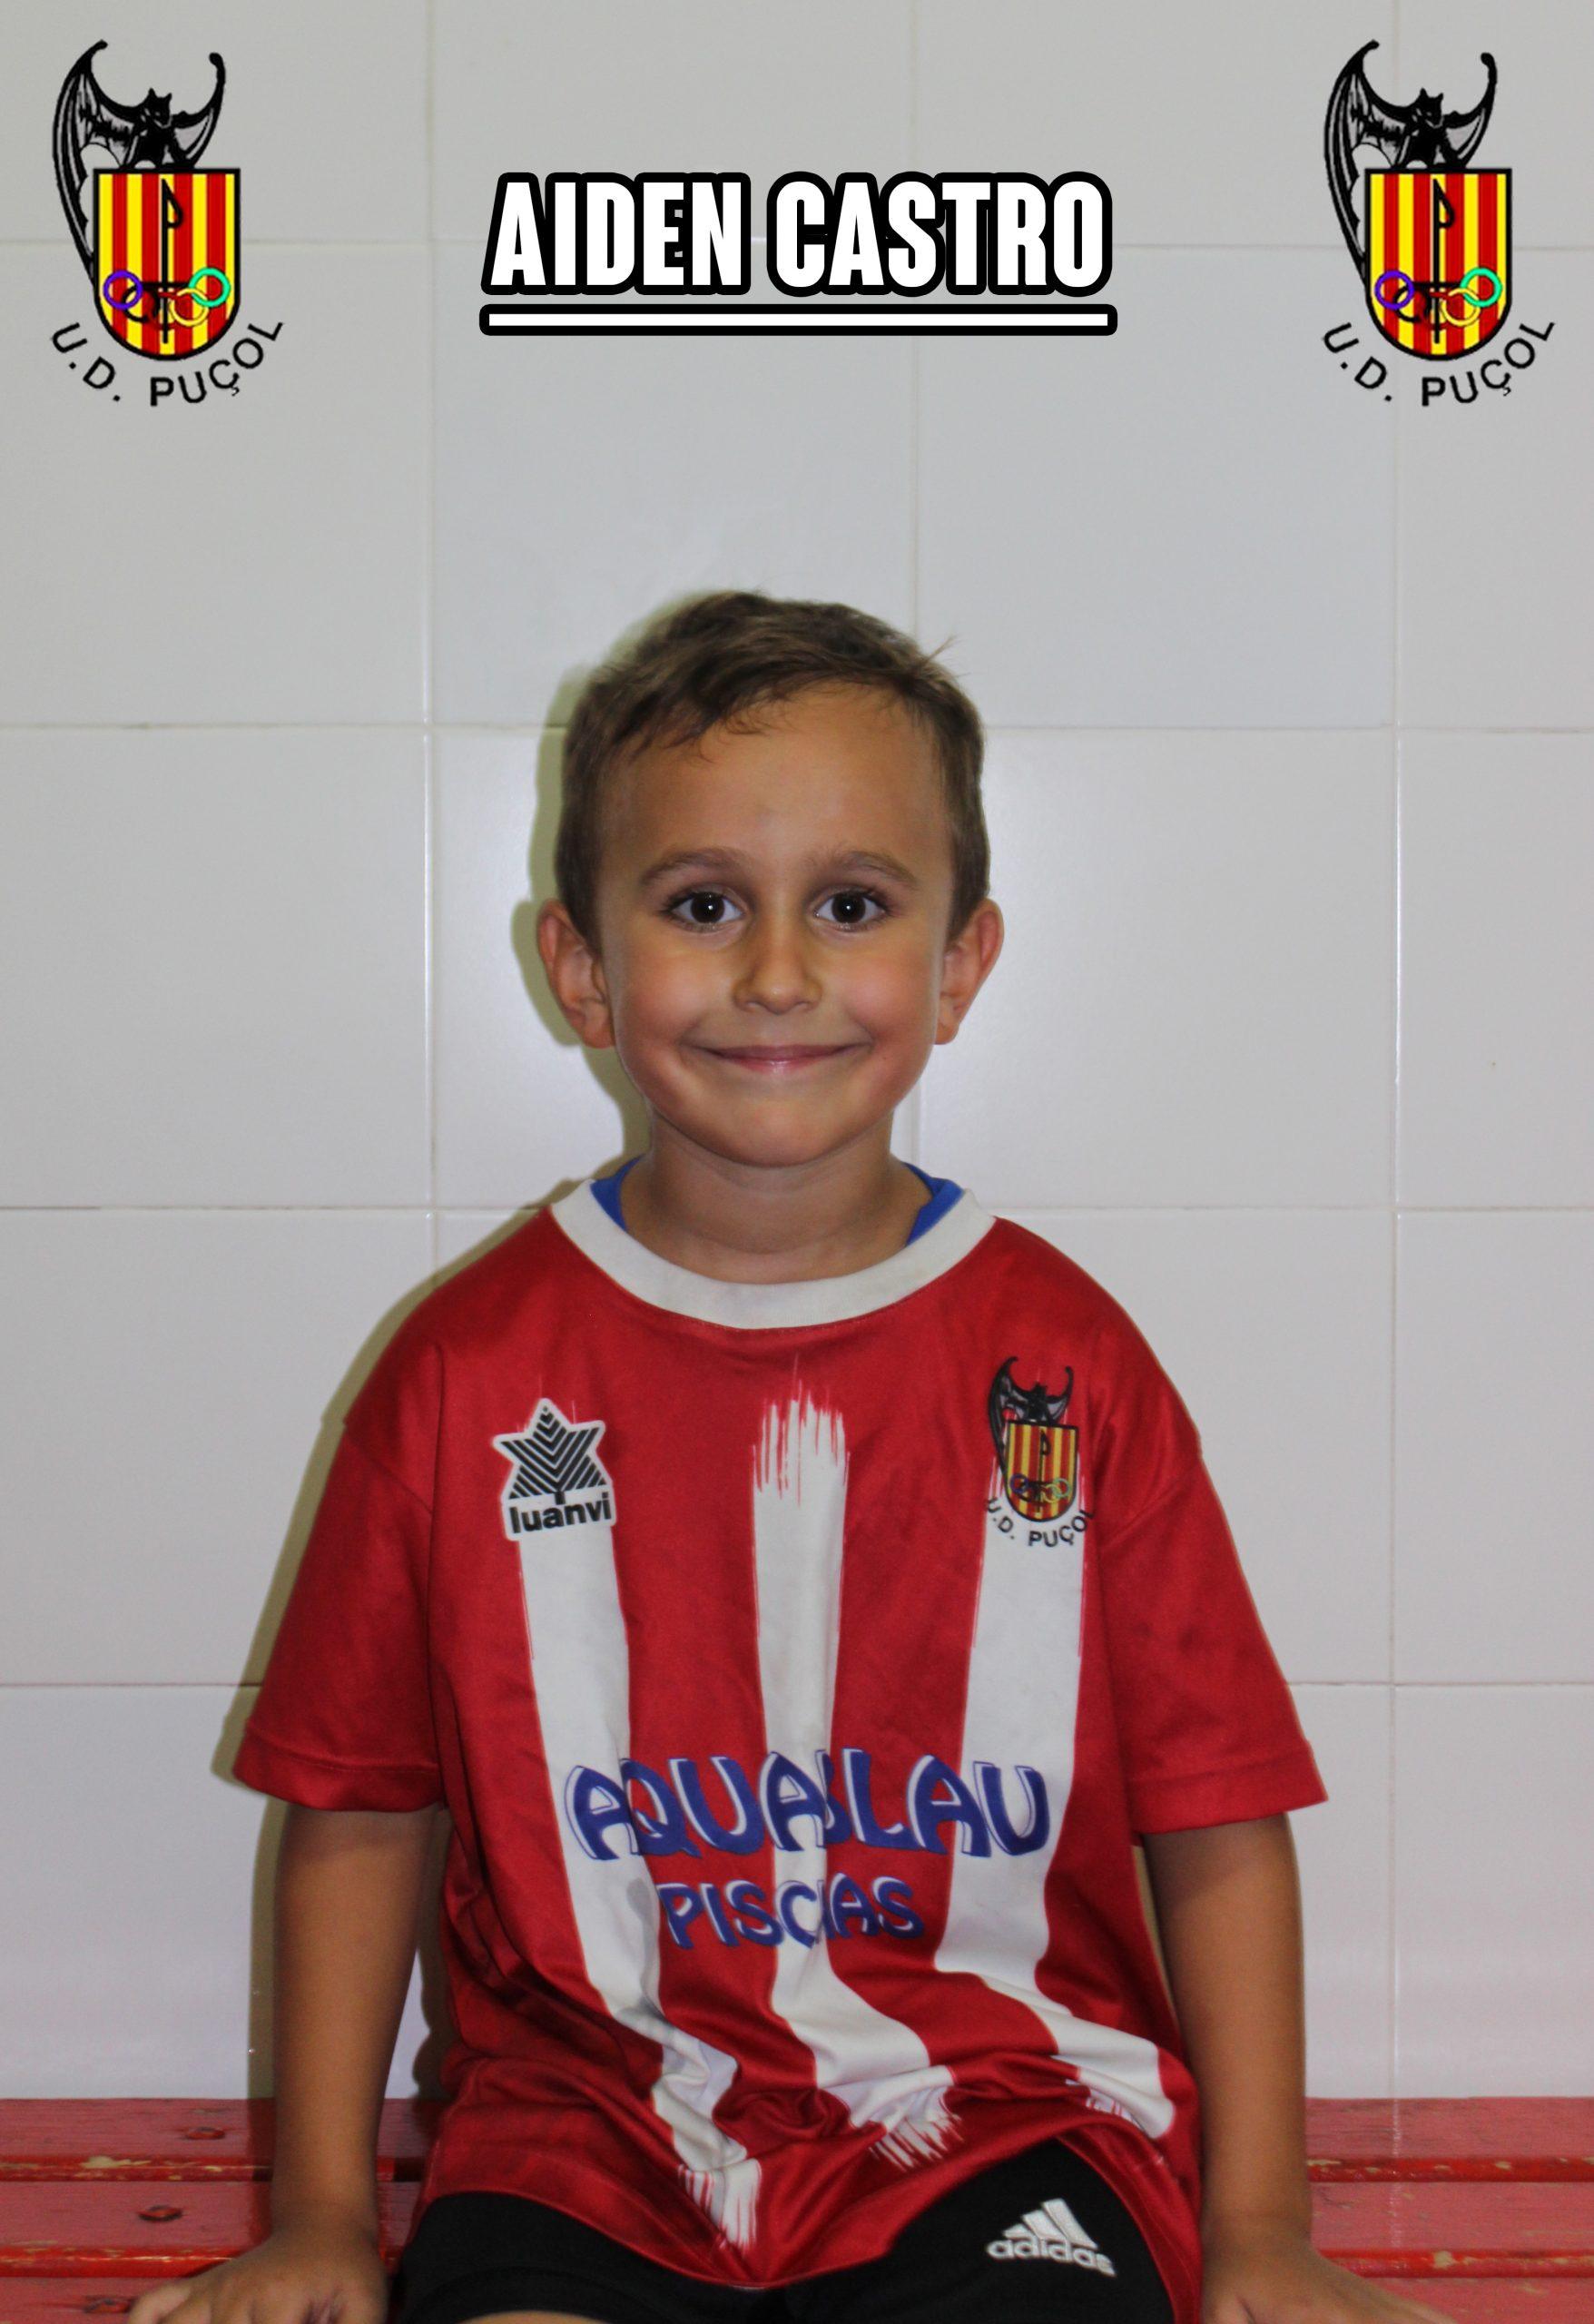 Aiden Castro